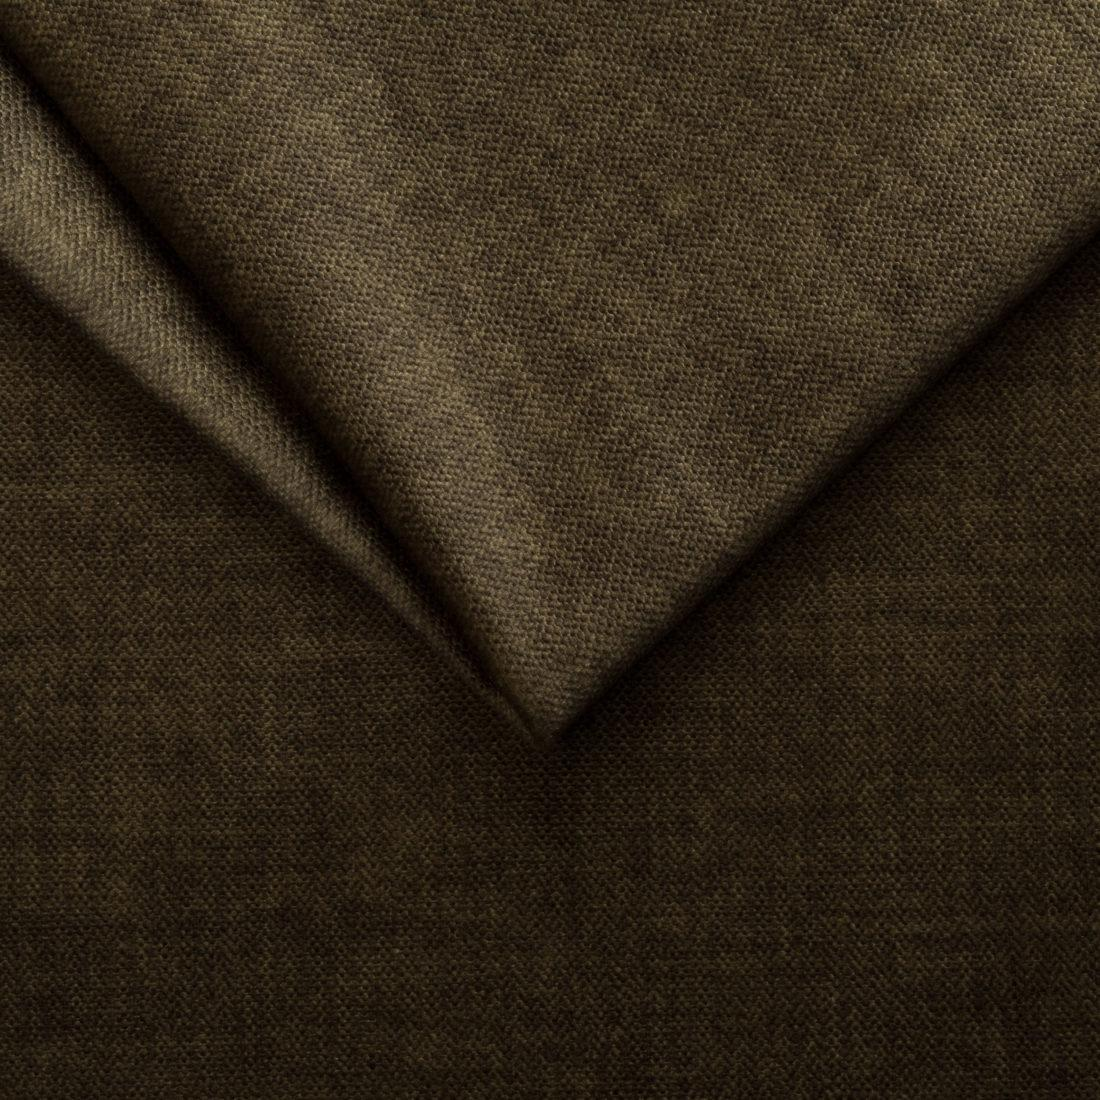 Меблева тканина Vogue 10 Olive, велюр